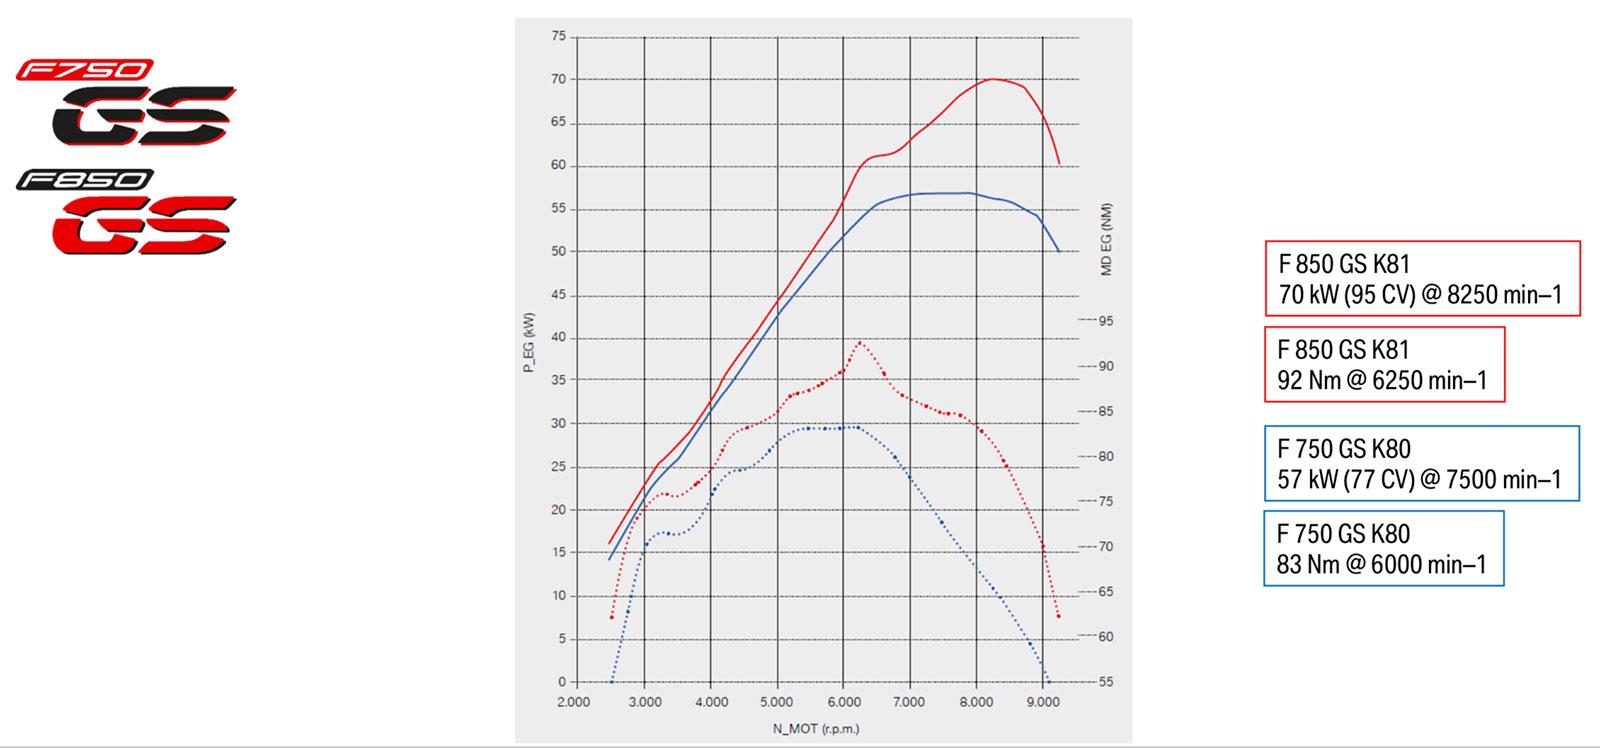 Curva de potencia y par motor BMW F 850 GS